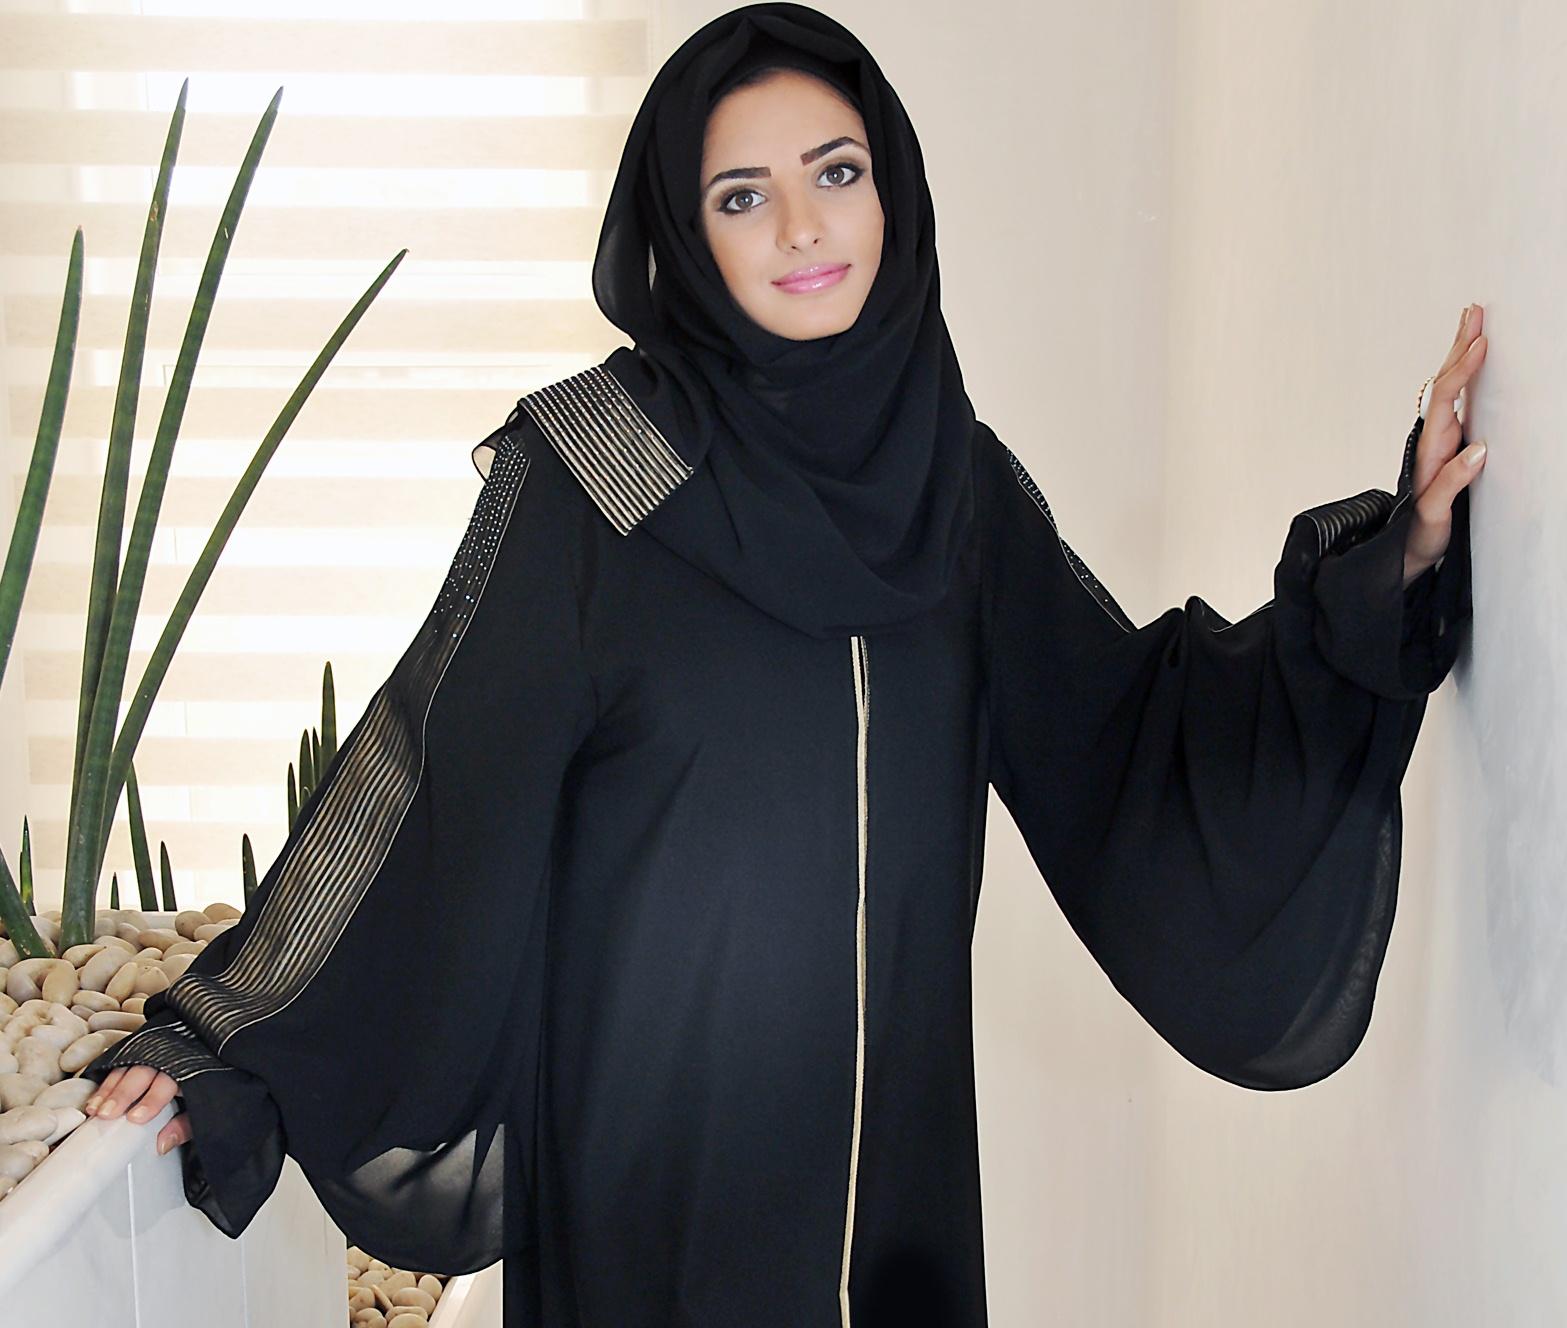 بالصور بنات كويتيات , شاهد بنات الكويت 2493 15